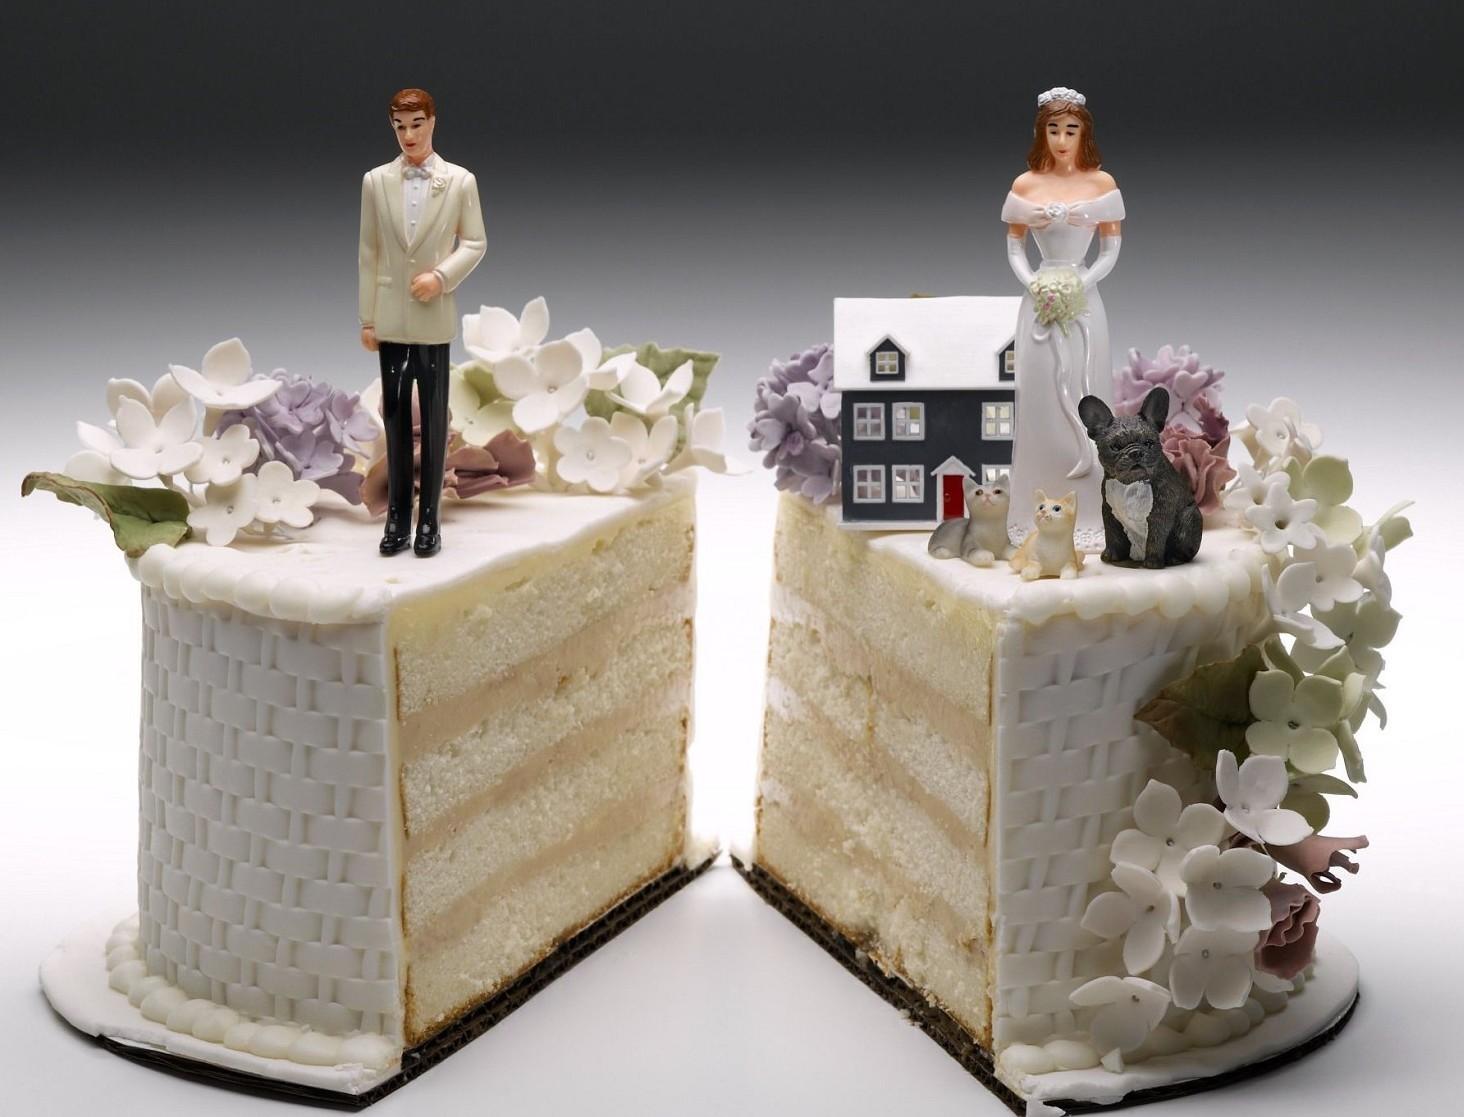 Entro quanto tempo deve essere lasciata la casa da marito o moglie dopo divorzio